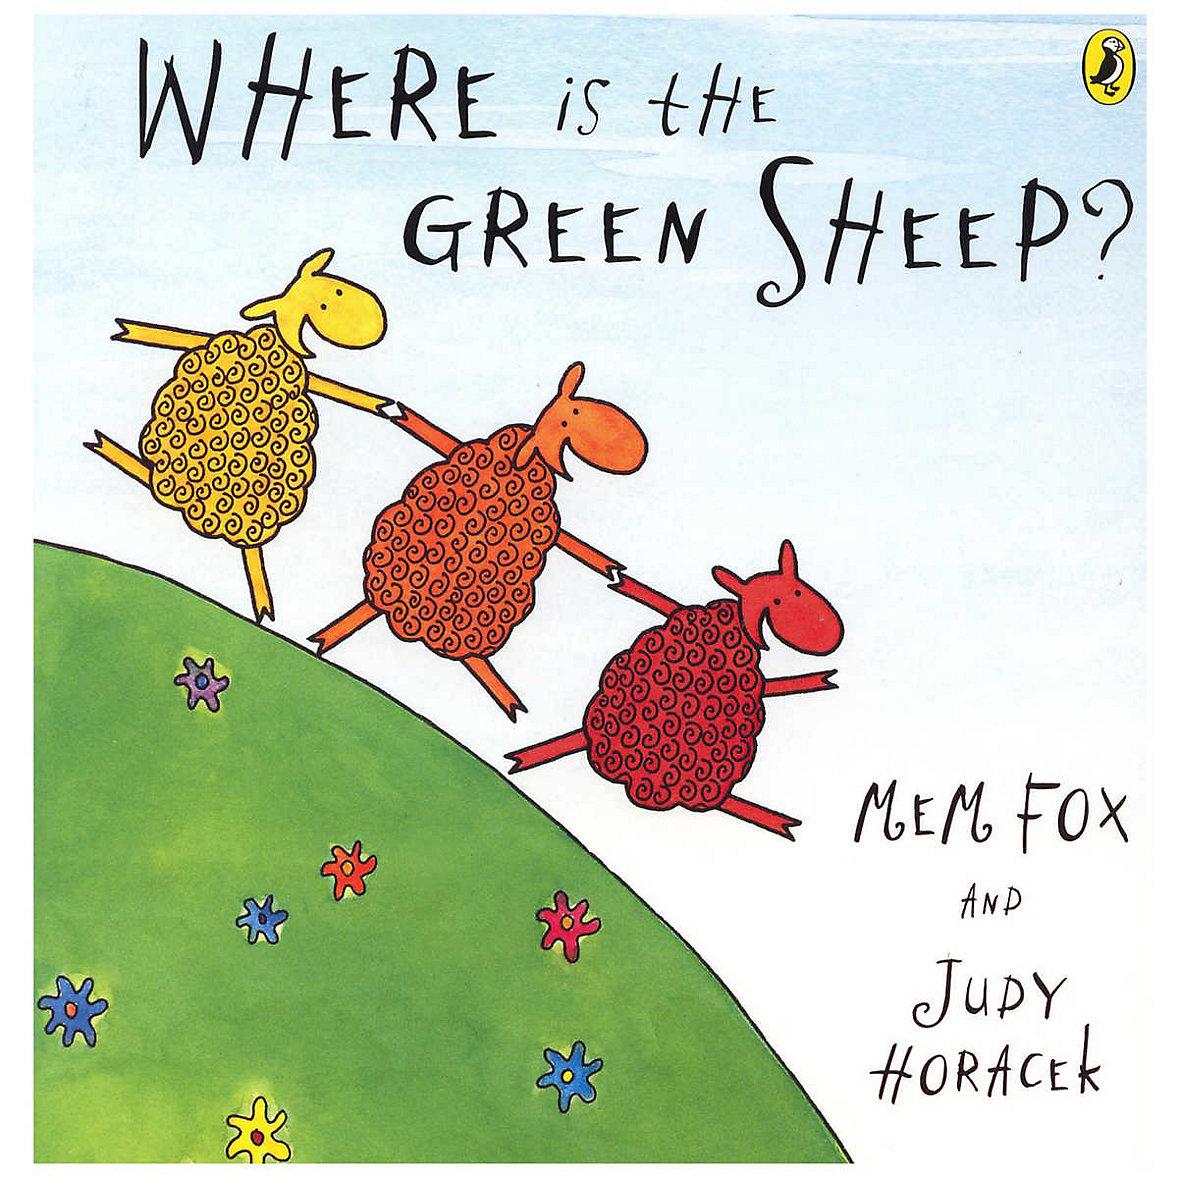 Where is the Green Sheep? - Mem Fox & Judy Horacek